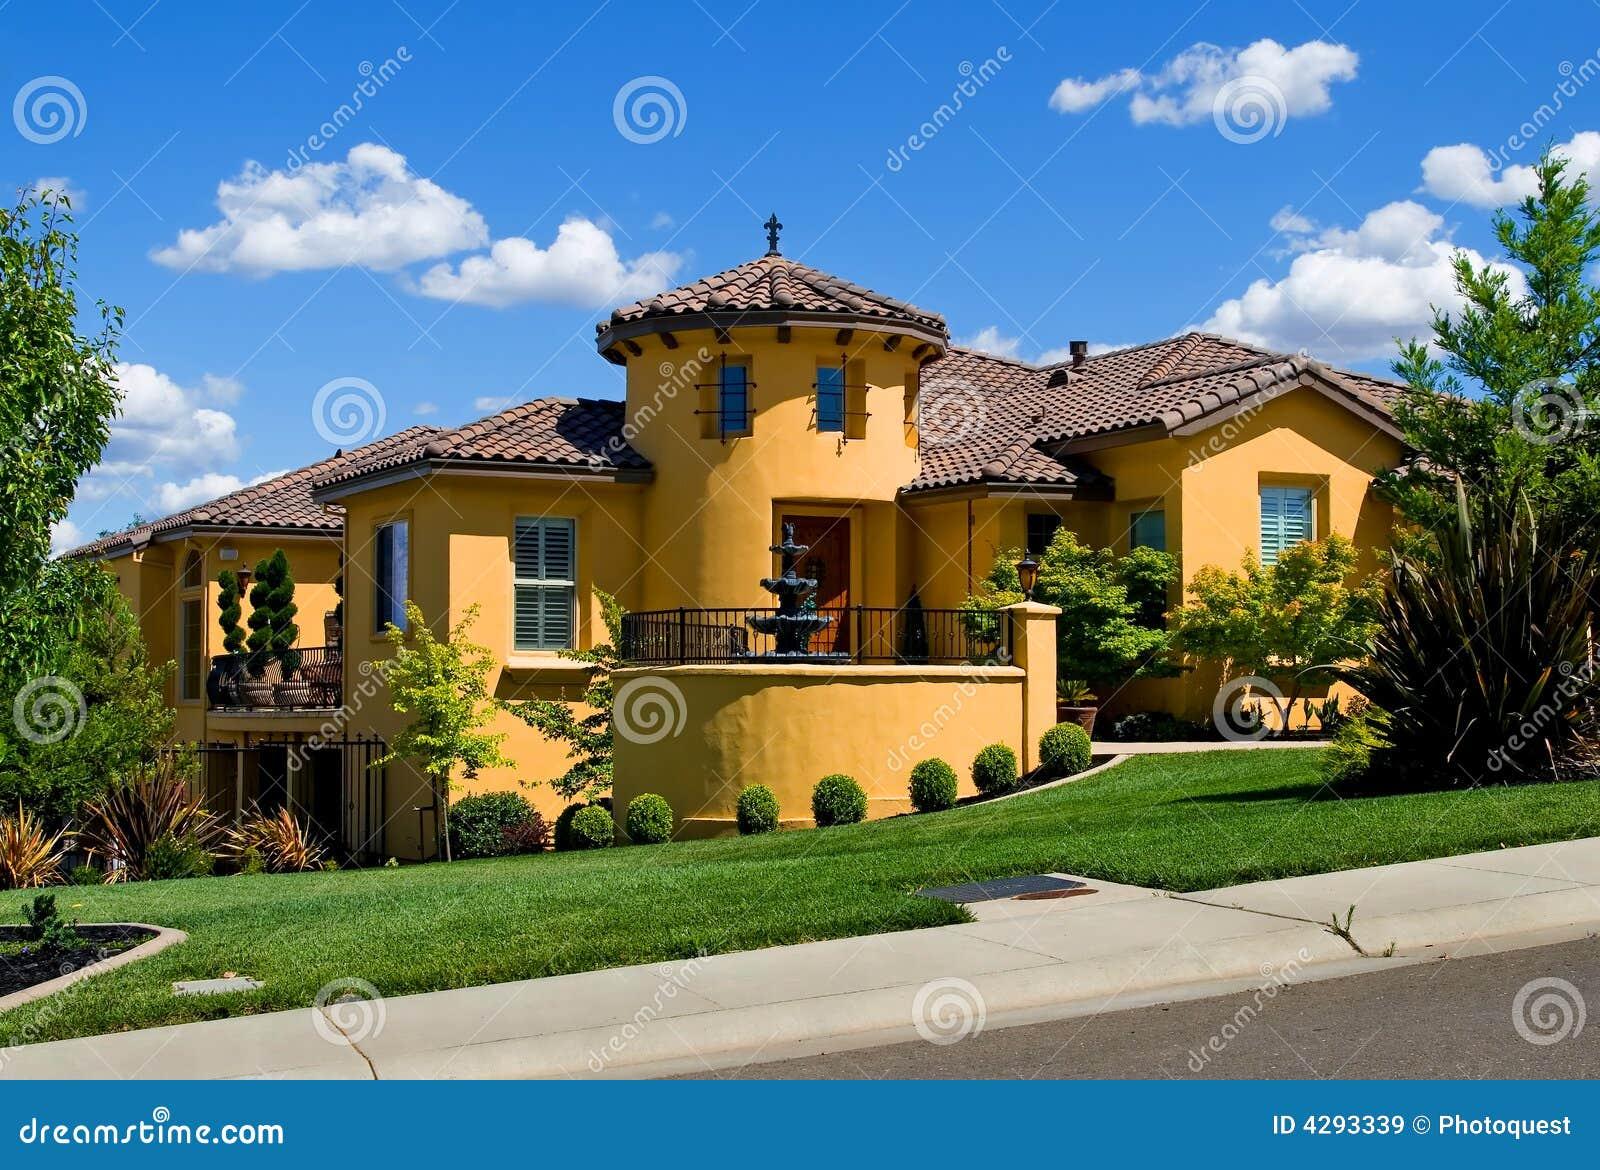 Casa de campo amarela bonita imagens de stock royalty free - Fotos de casa de campo ...